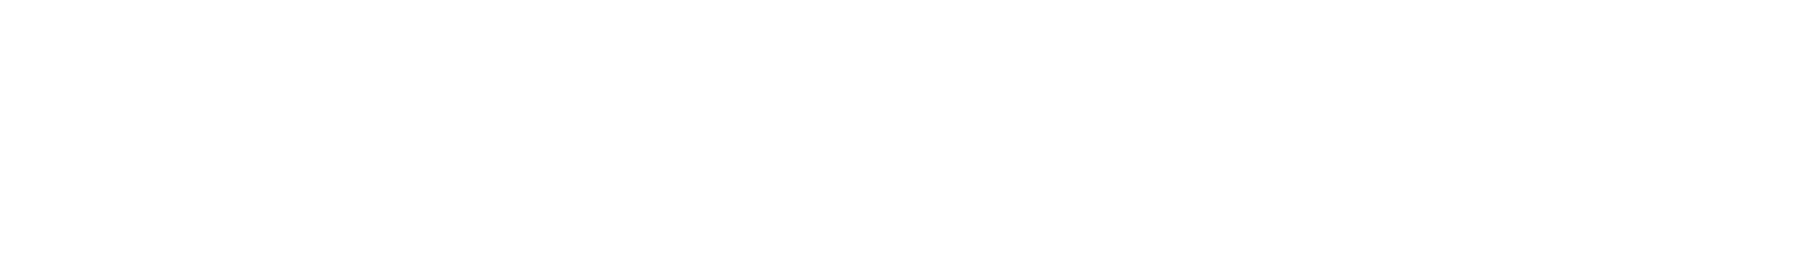 veh2 synths   047 c